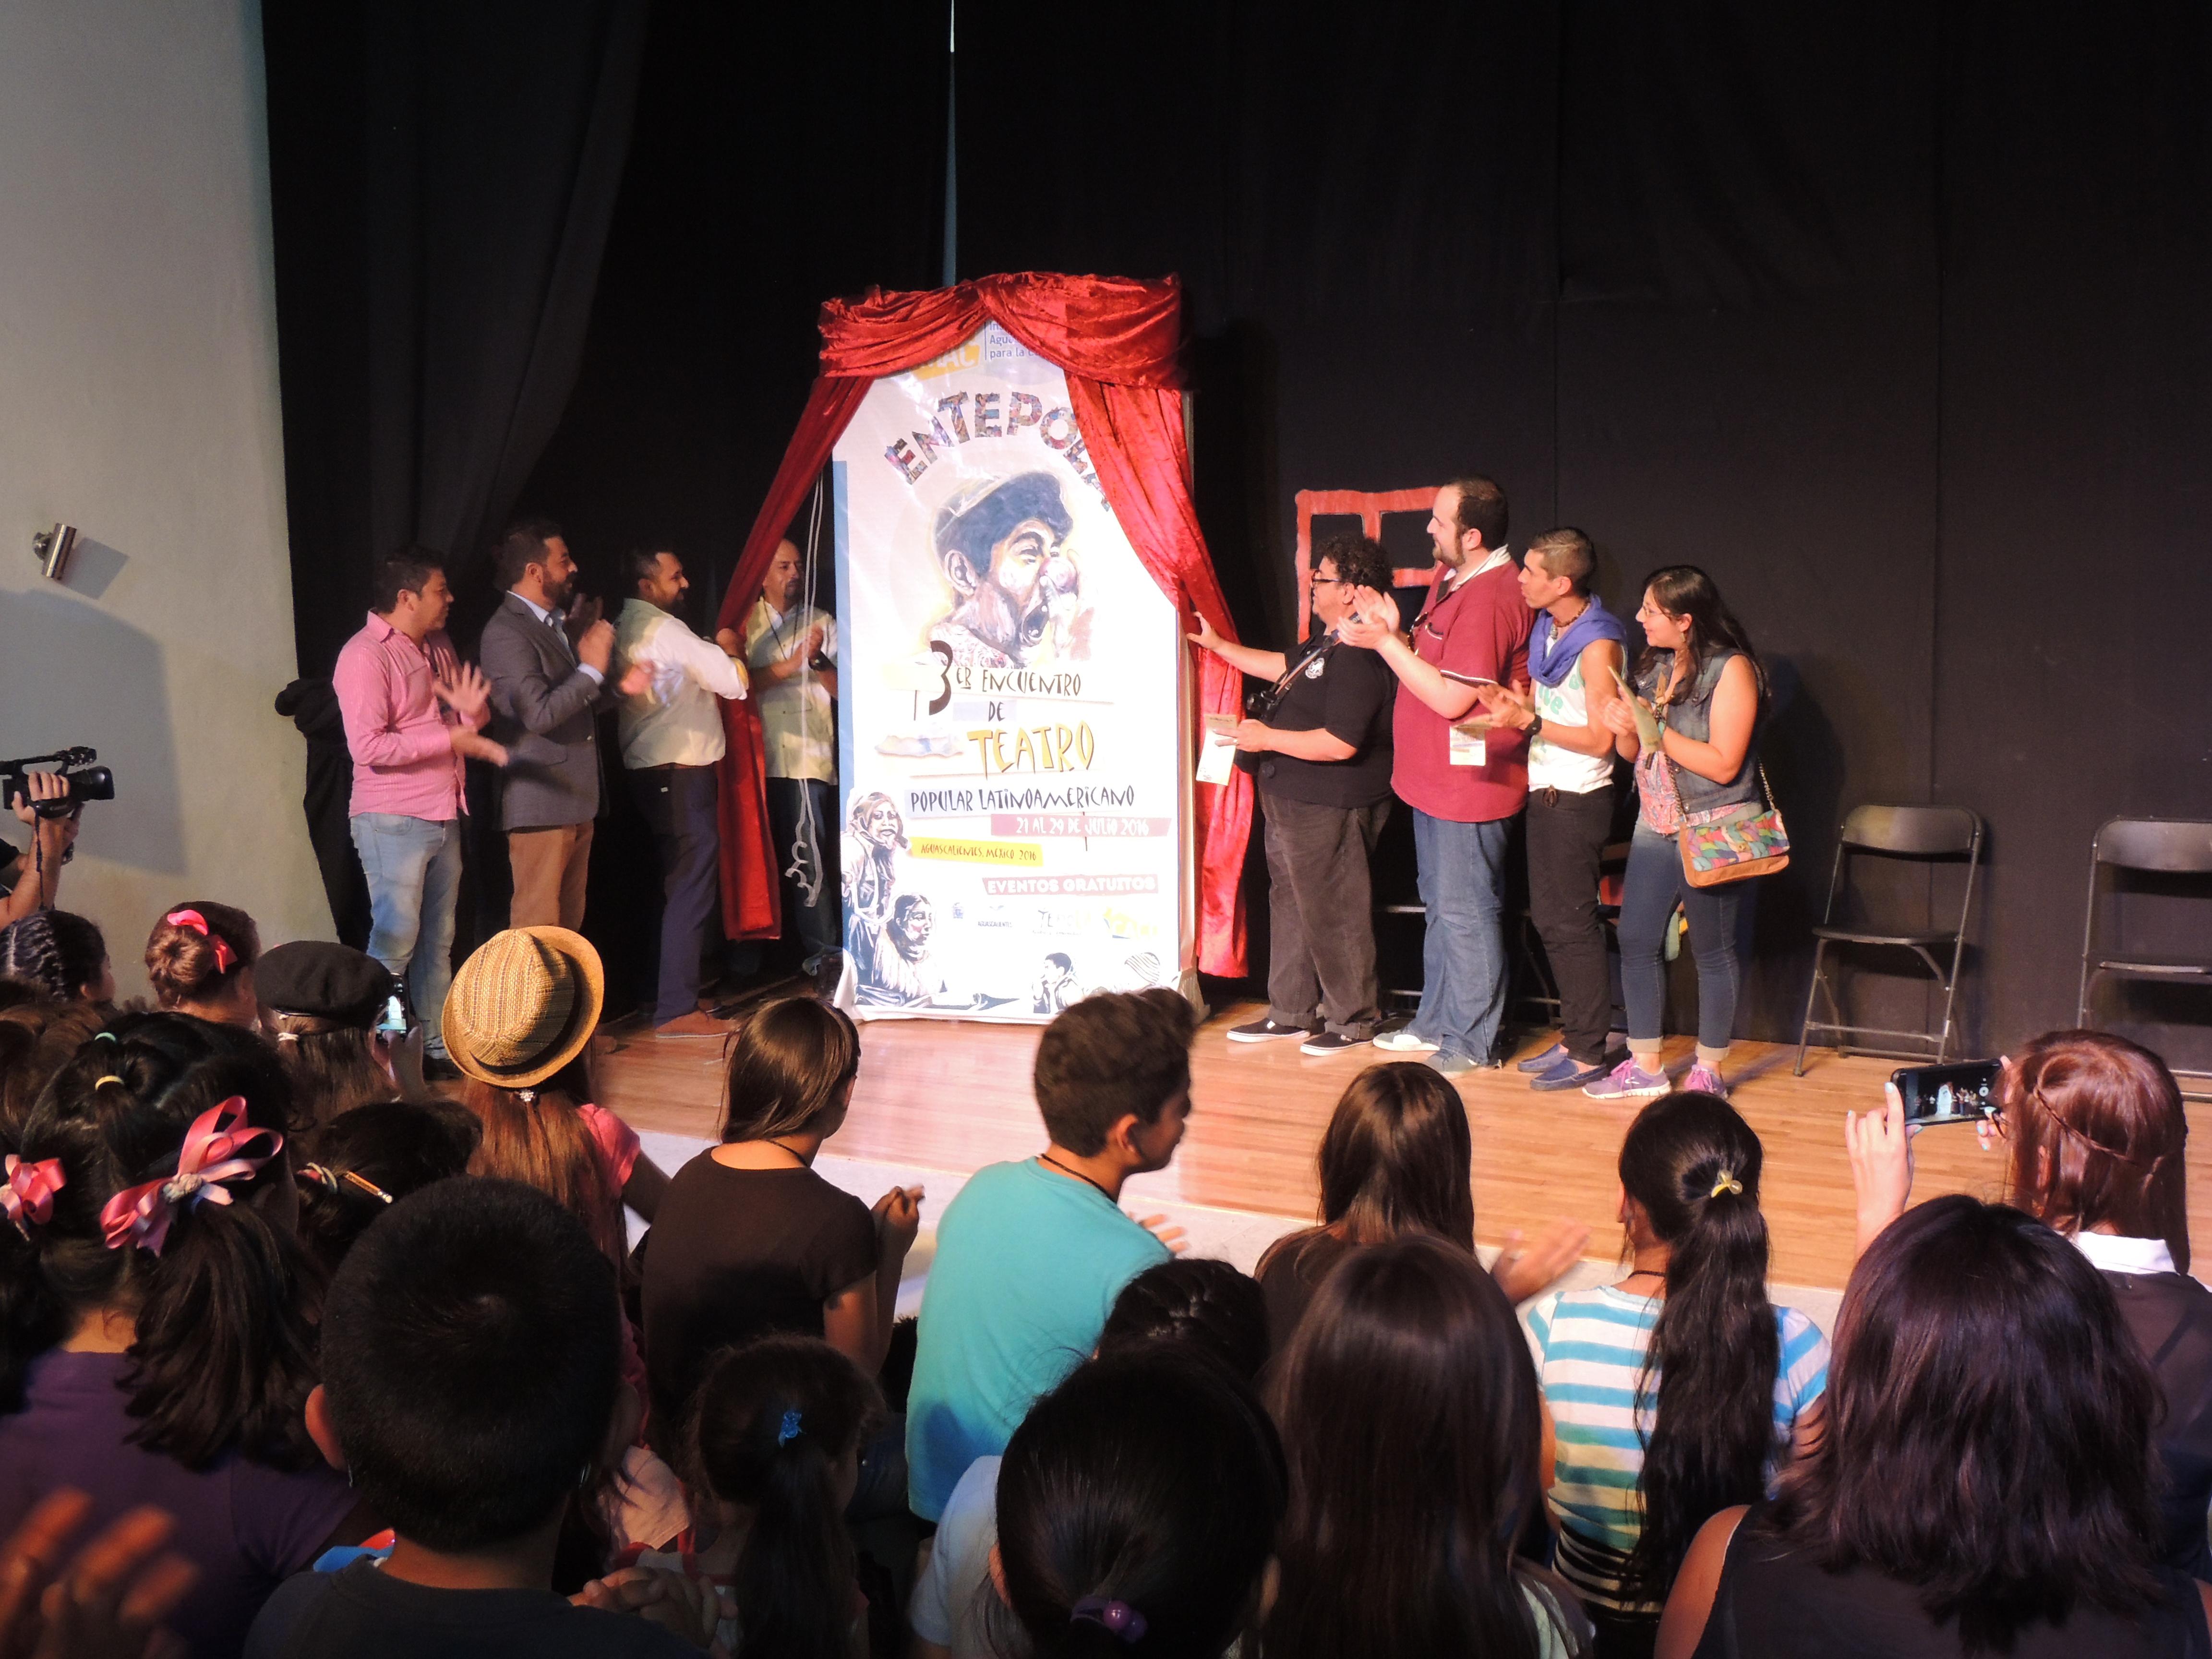 Inauguración de la tercera emisión del Encuentro de Teatro Popular Latinoamericano 2016